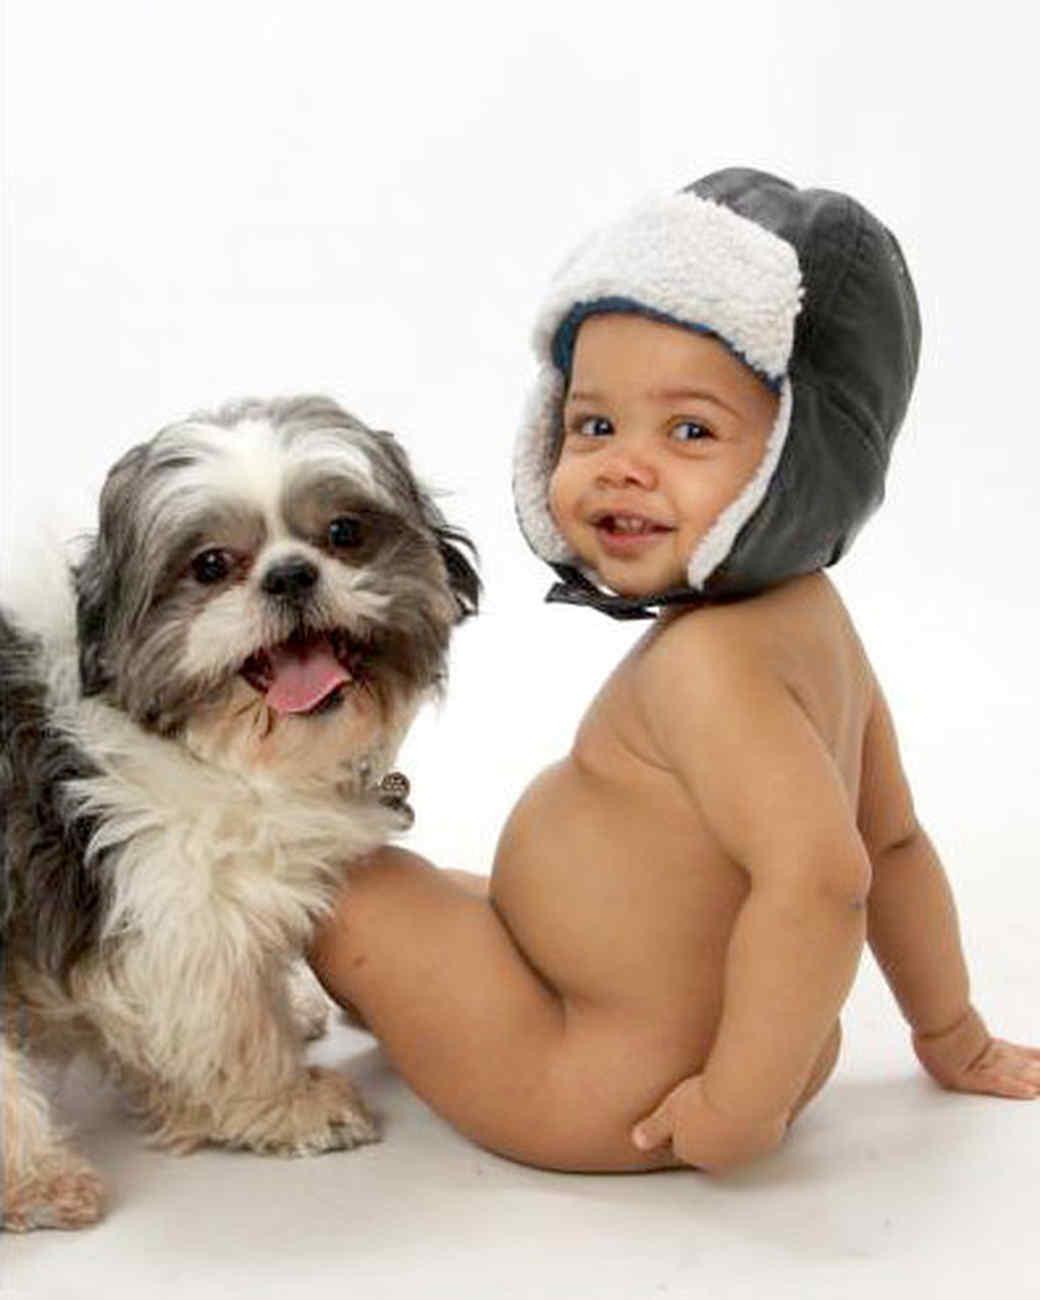 ugc-adoptable-0811-33259466.jpg